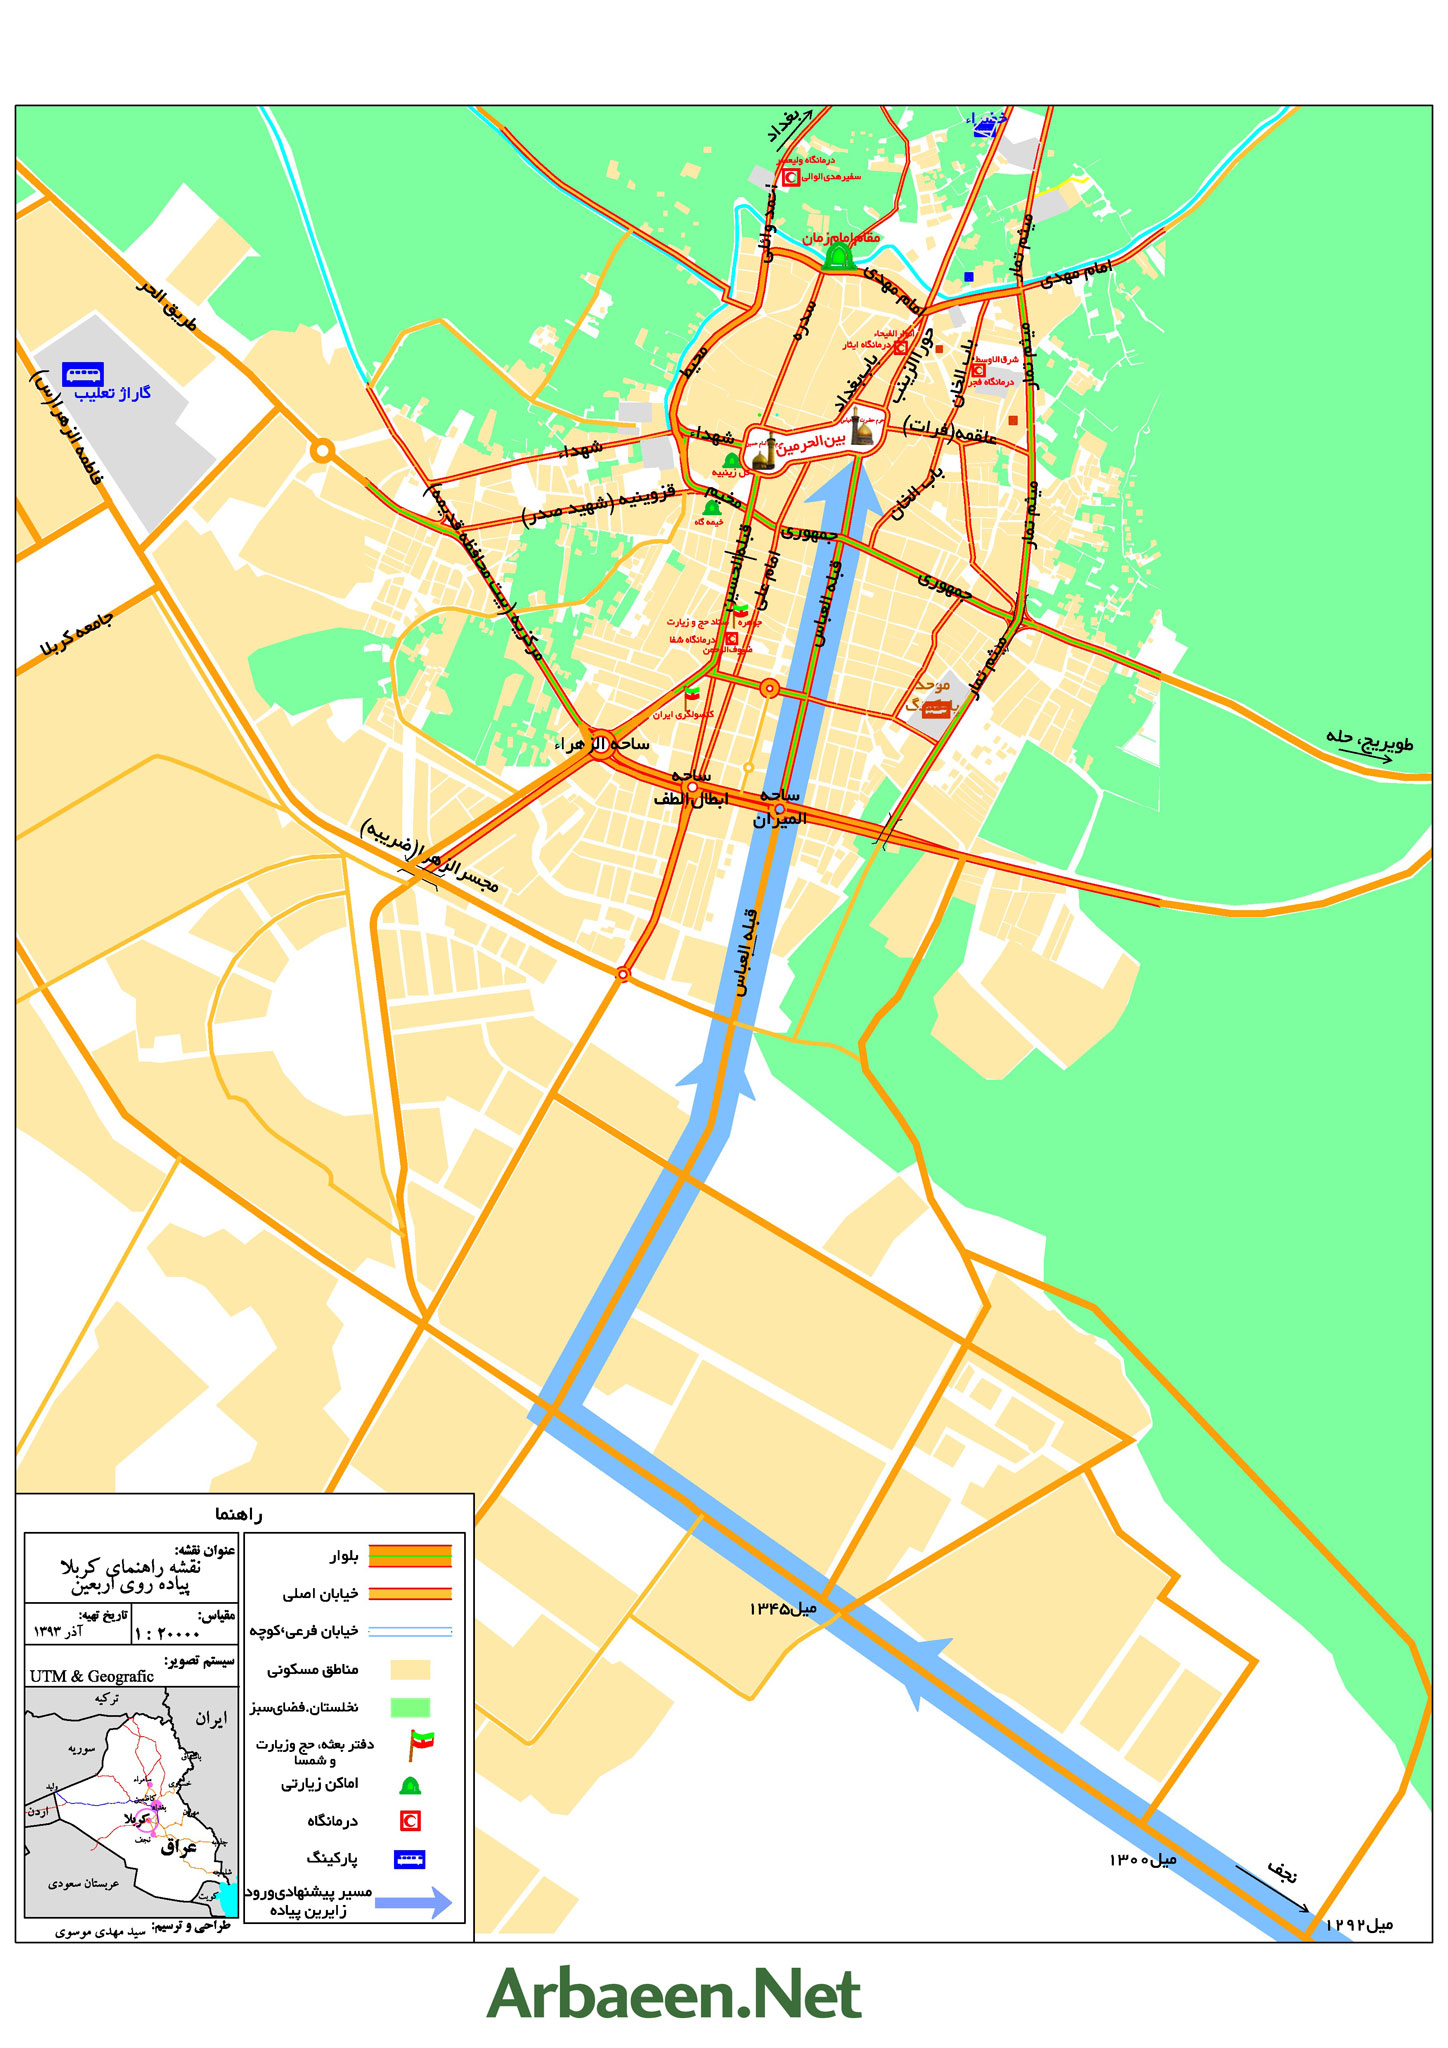 Map4.Arbaeen.Net